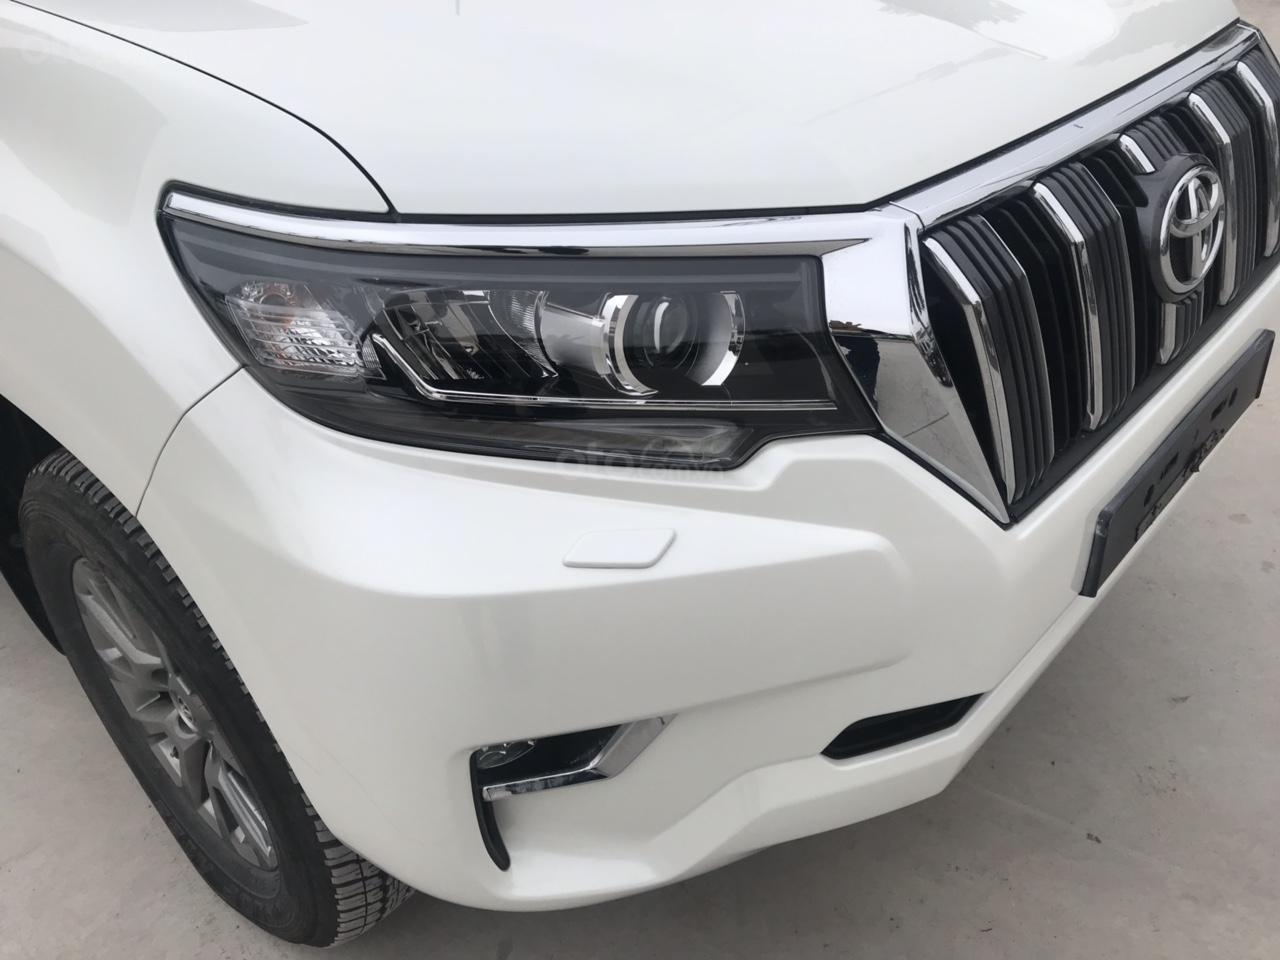 Cần bán xe Toyota Prado đời 2018, màu trắng, xe siêu lướt thơm mùi mới - Liên hệ: 094-711-6996 Mr Thanh-9